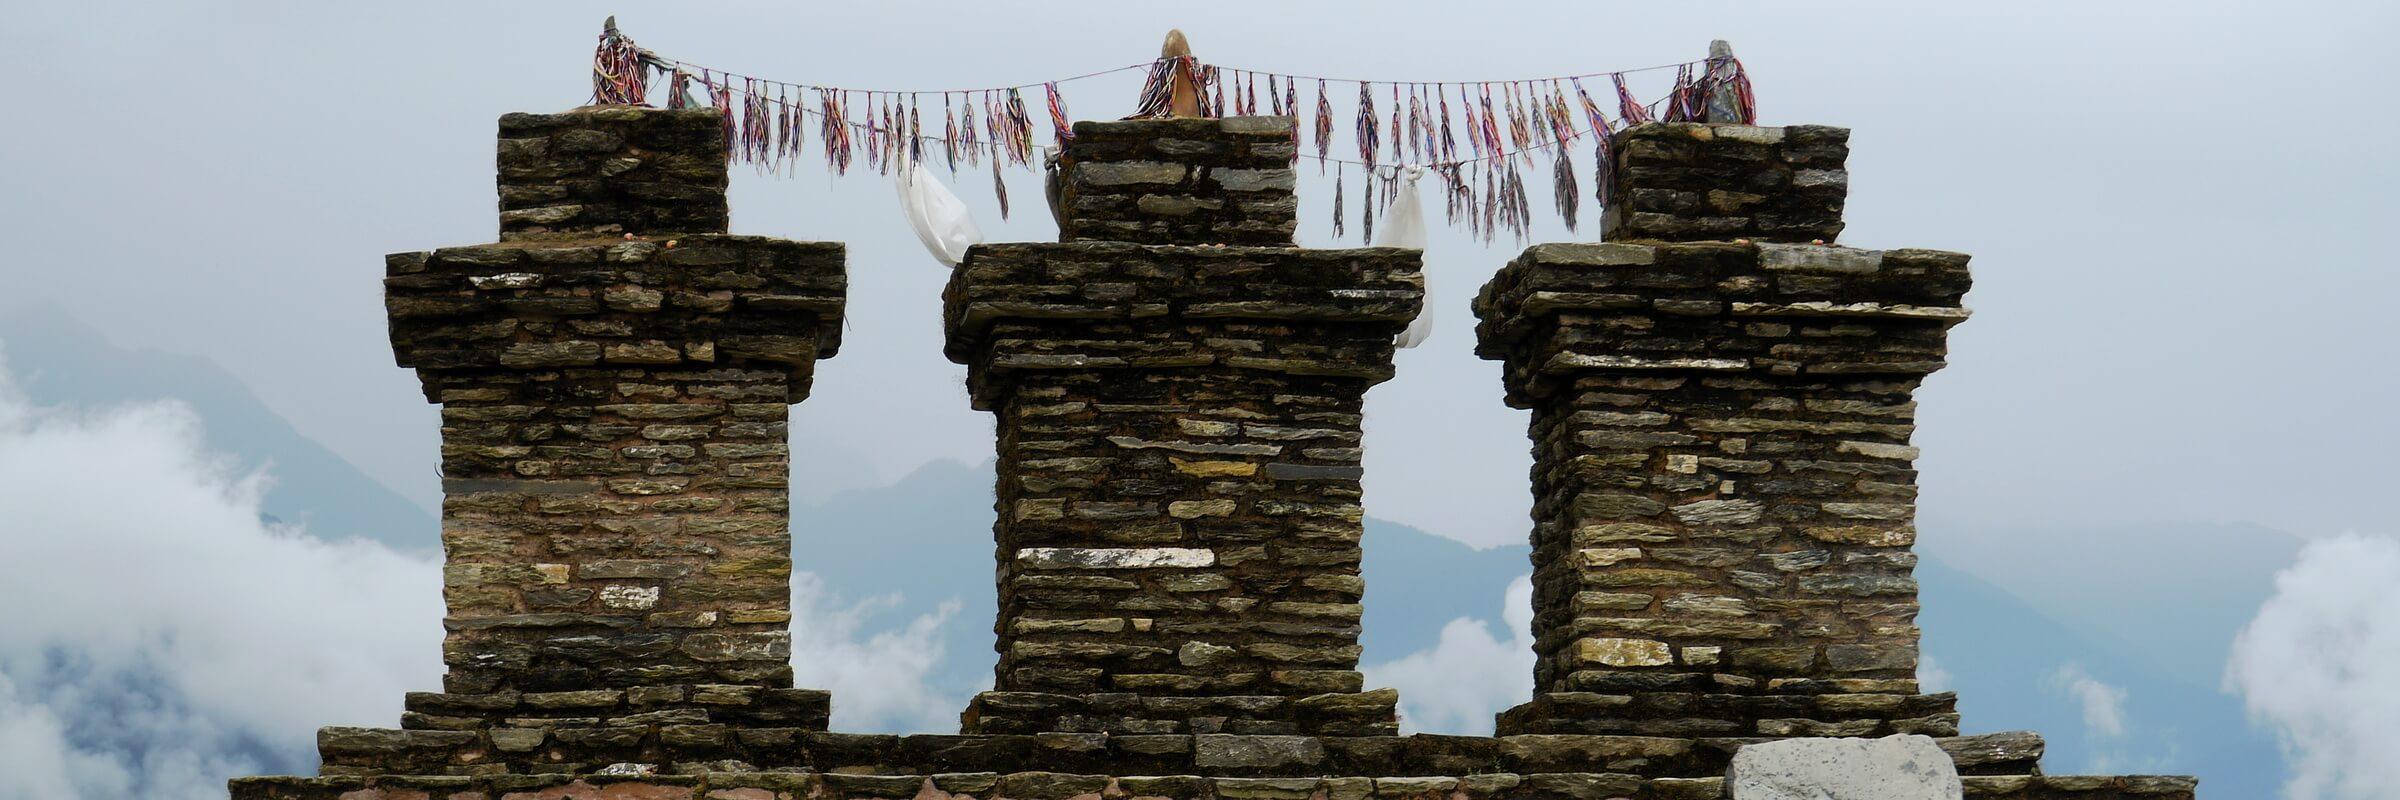 Packliste für Indien Trekking Reisen